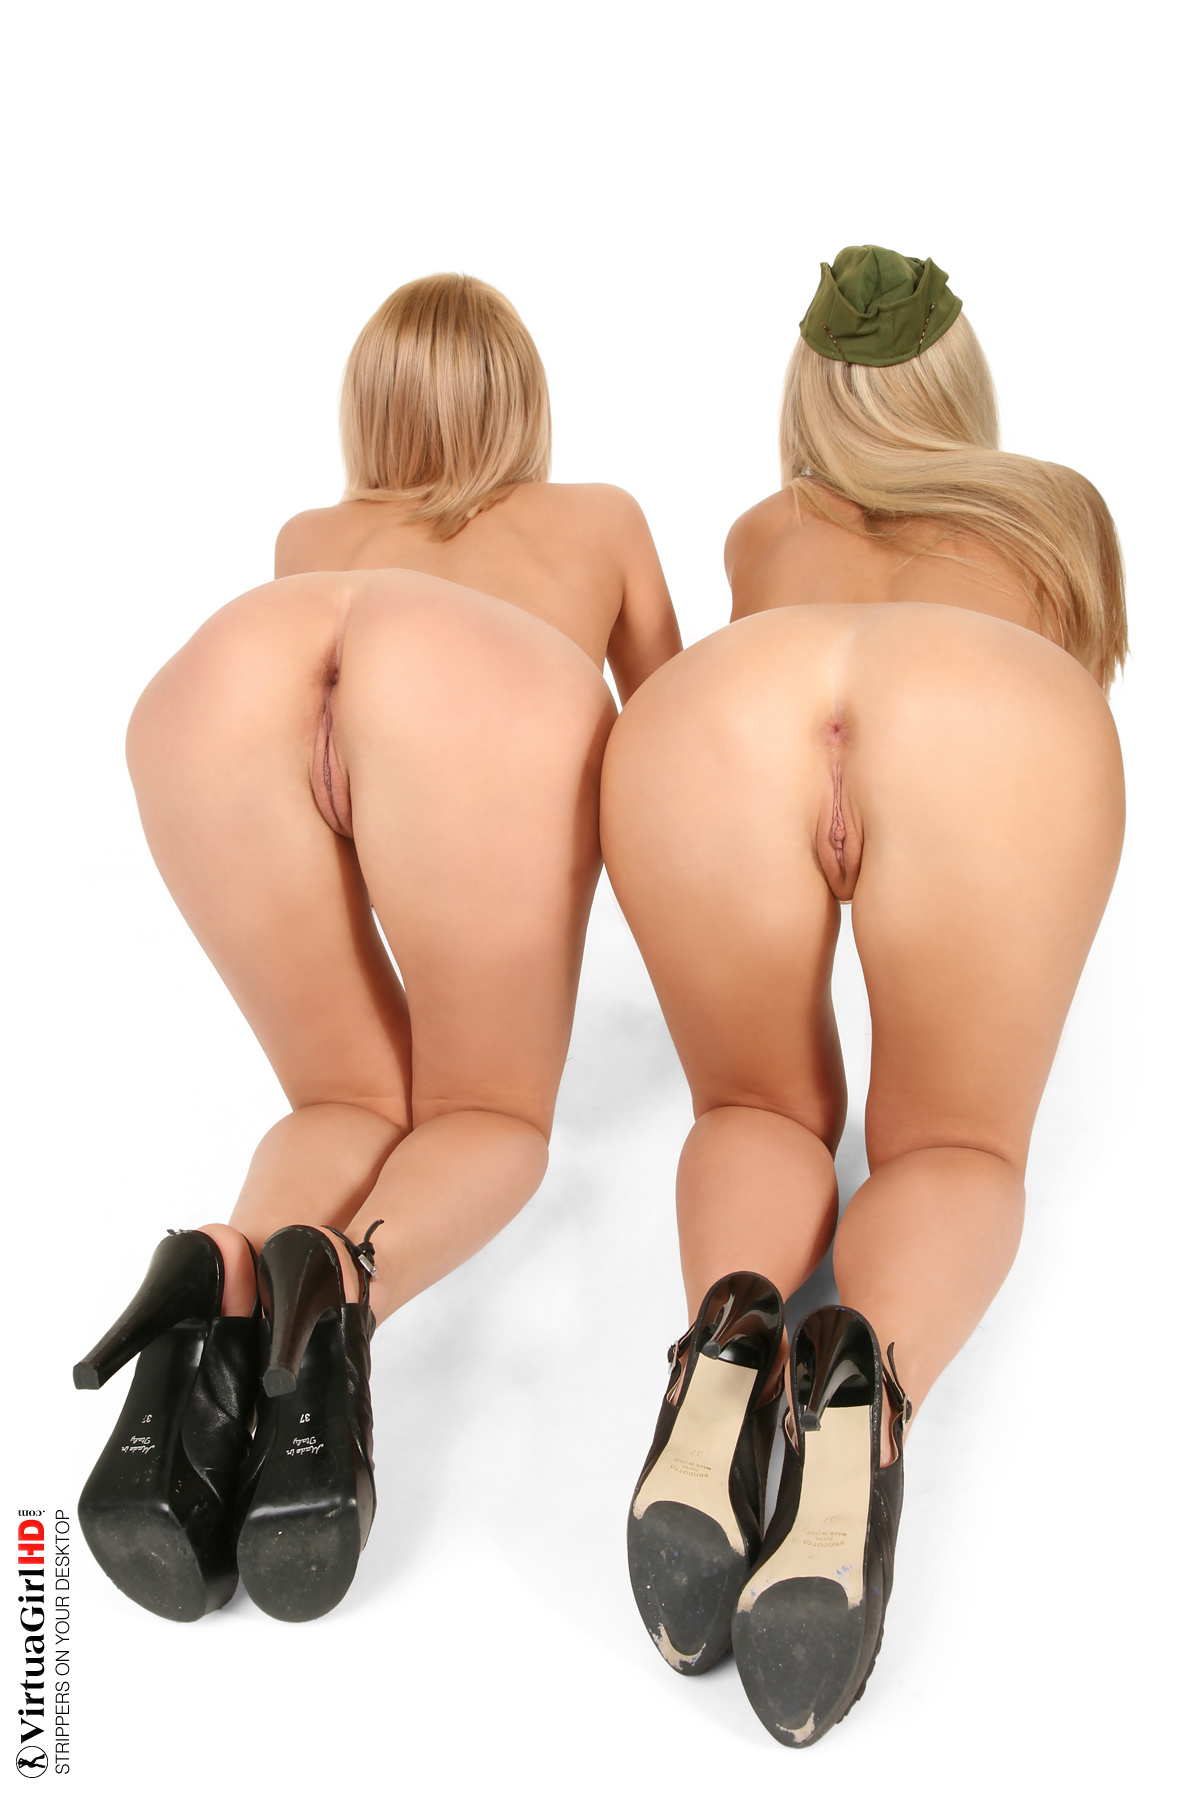 skinny black girls stripping nakaed